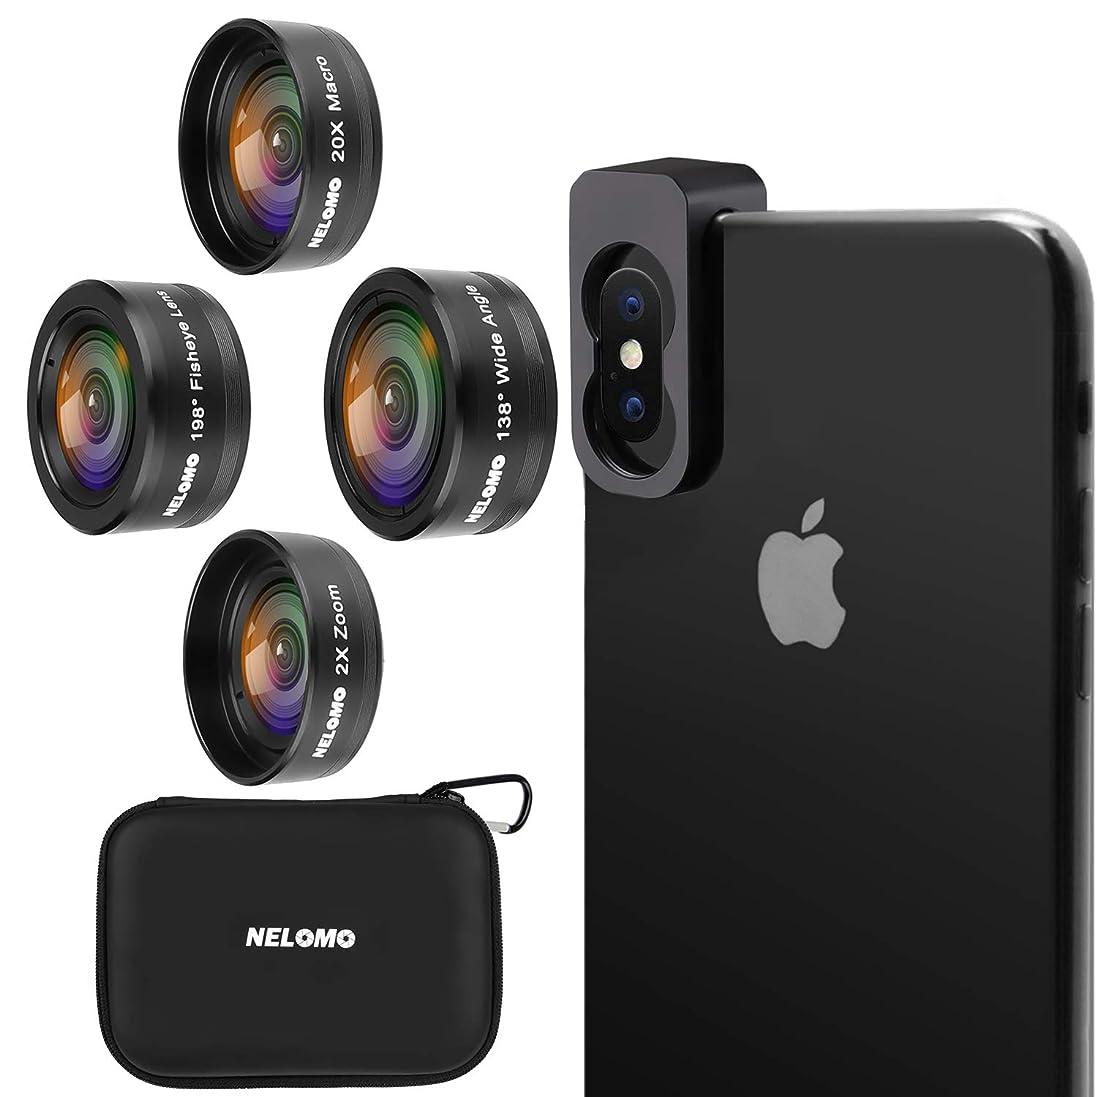 ヘビ差オーナメントNELOMO スマホカメラ用4イン1レンズキット。適合機種:iphone XR X 8 7, Samsung Galzxy S9 S8, Huawei P20 P10 など。20倍マクロレンズ、2倍ズーム望遠レンズ、138度広角レンズ、190度魚眼レンズ。